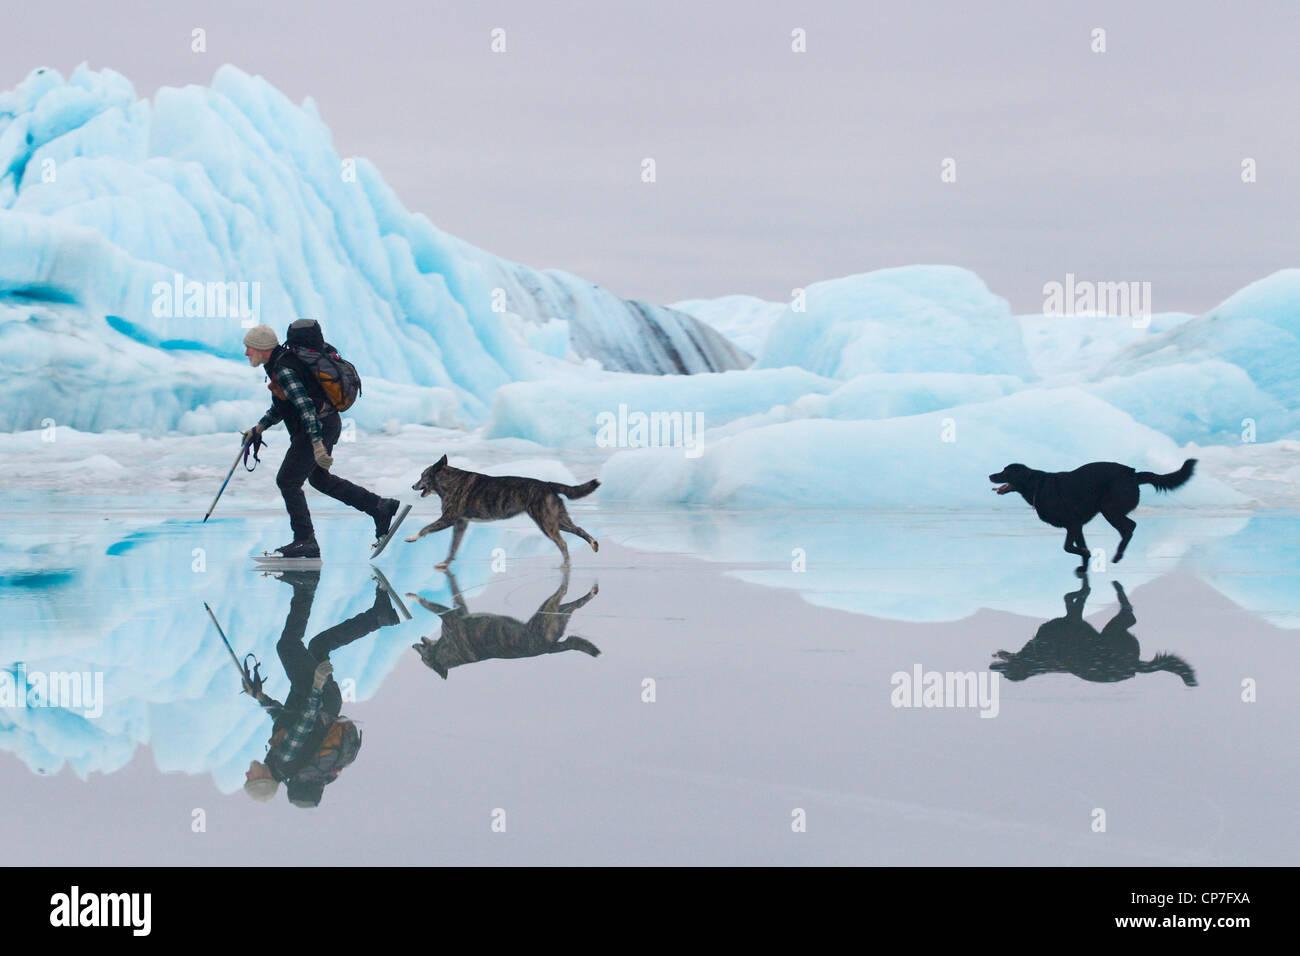 Hombre de patinaje sobre hielo en Sheridan glaciar con dos perros con hielo y icebergs en el fondo, Cordova, Alaska Imagen De Stock